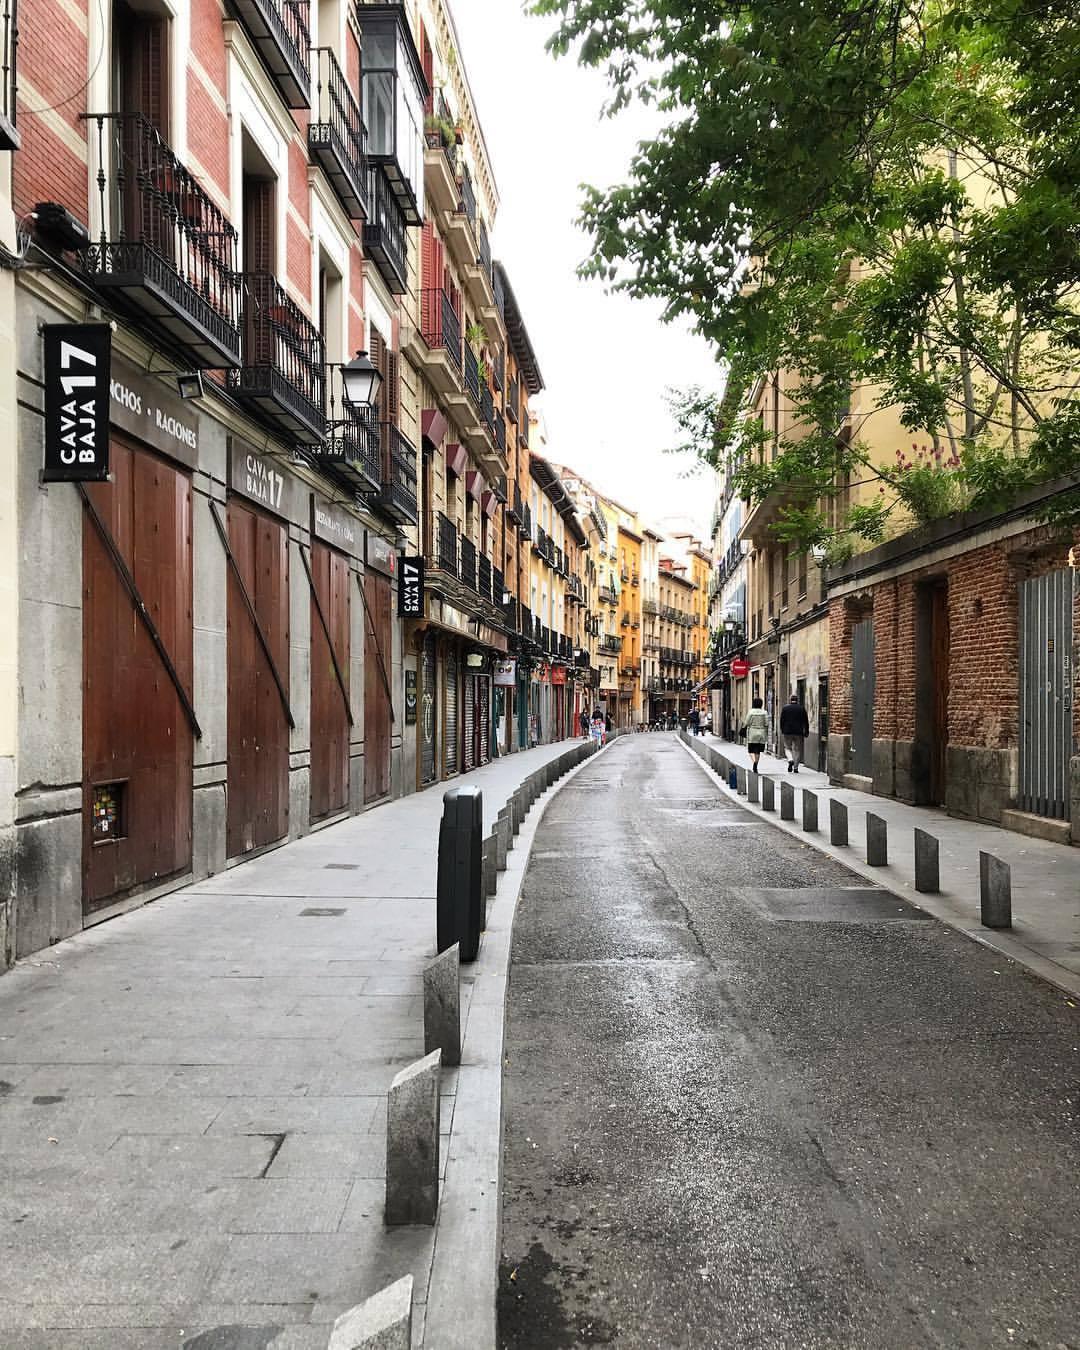 Side street.  -  #spain #madrid #iamatraveler #lostinmadrid  (at Madrid, Spain)